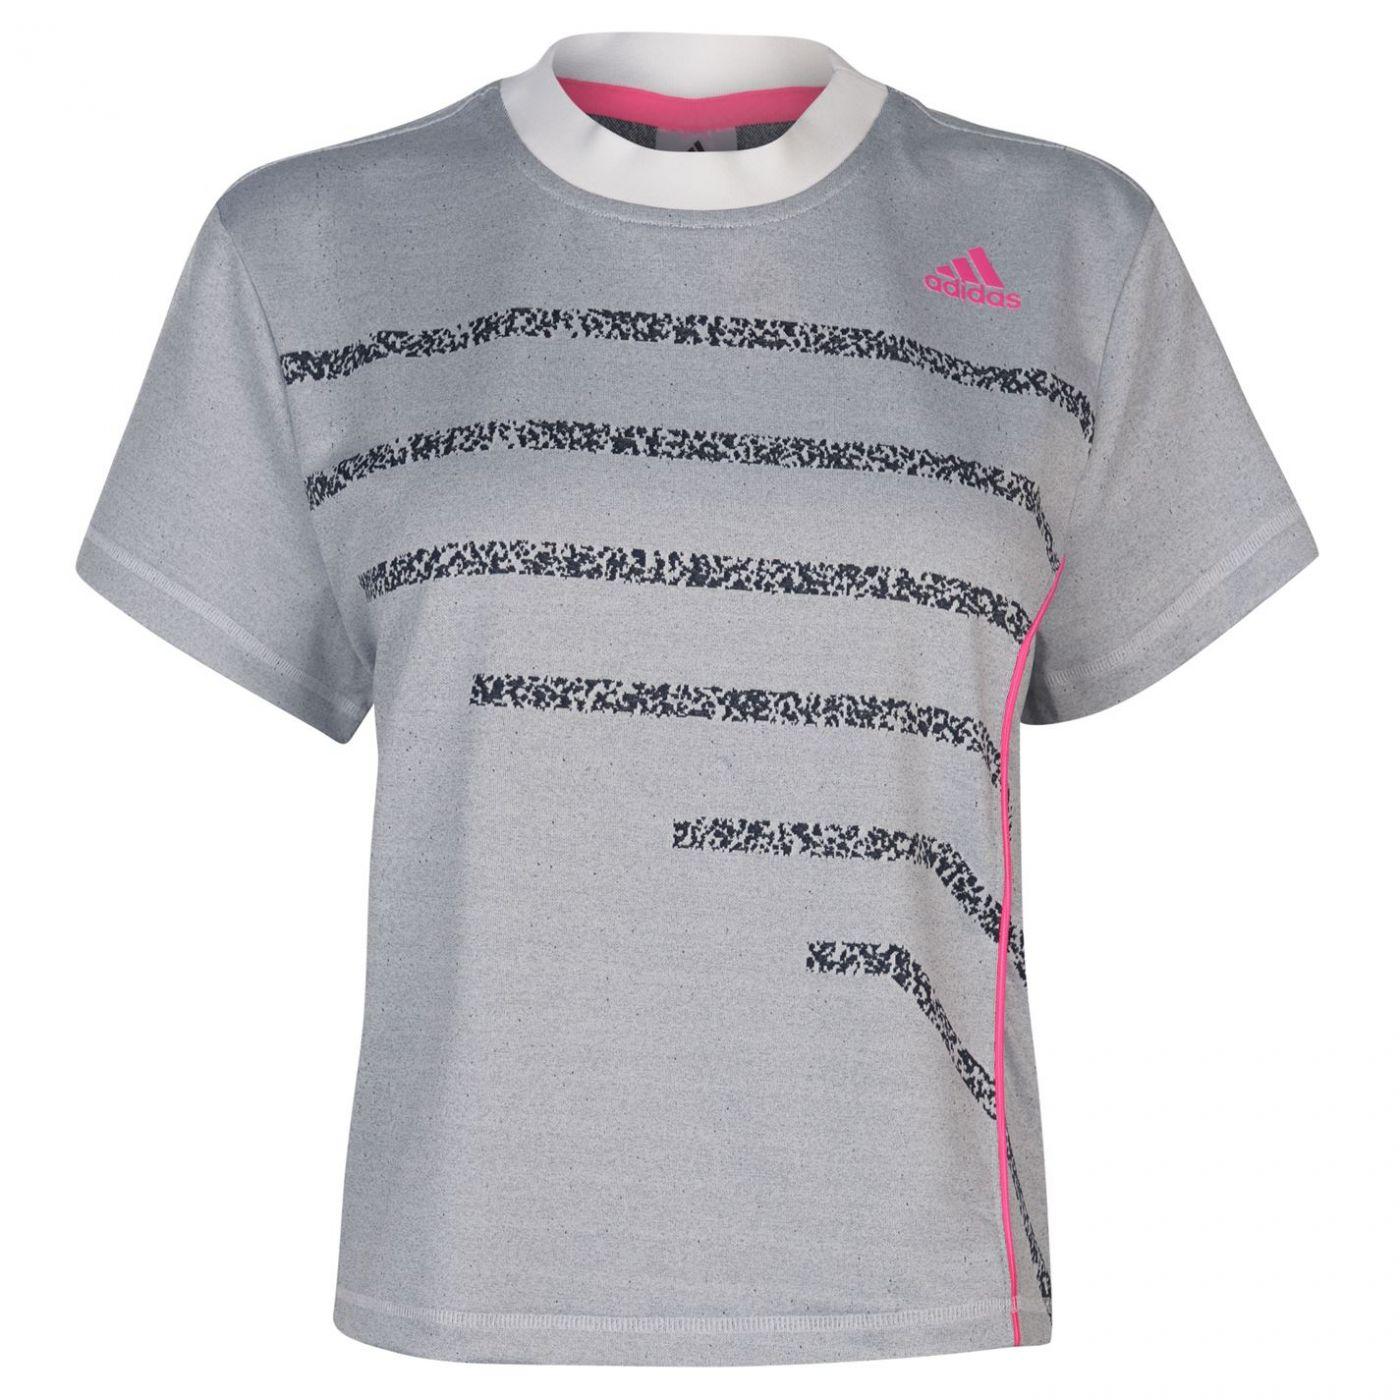 Adidas Seasonal Tennis T Shirt Ladies